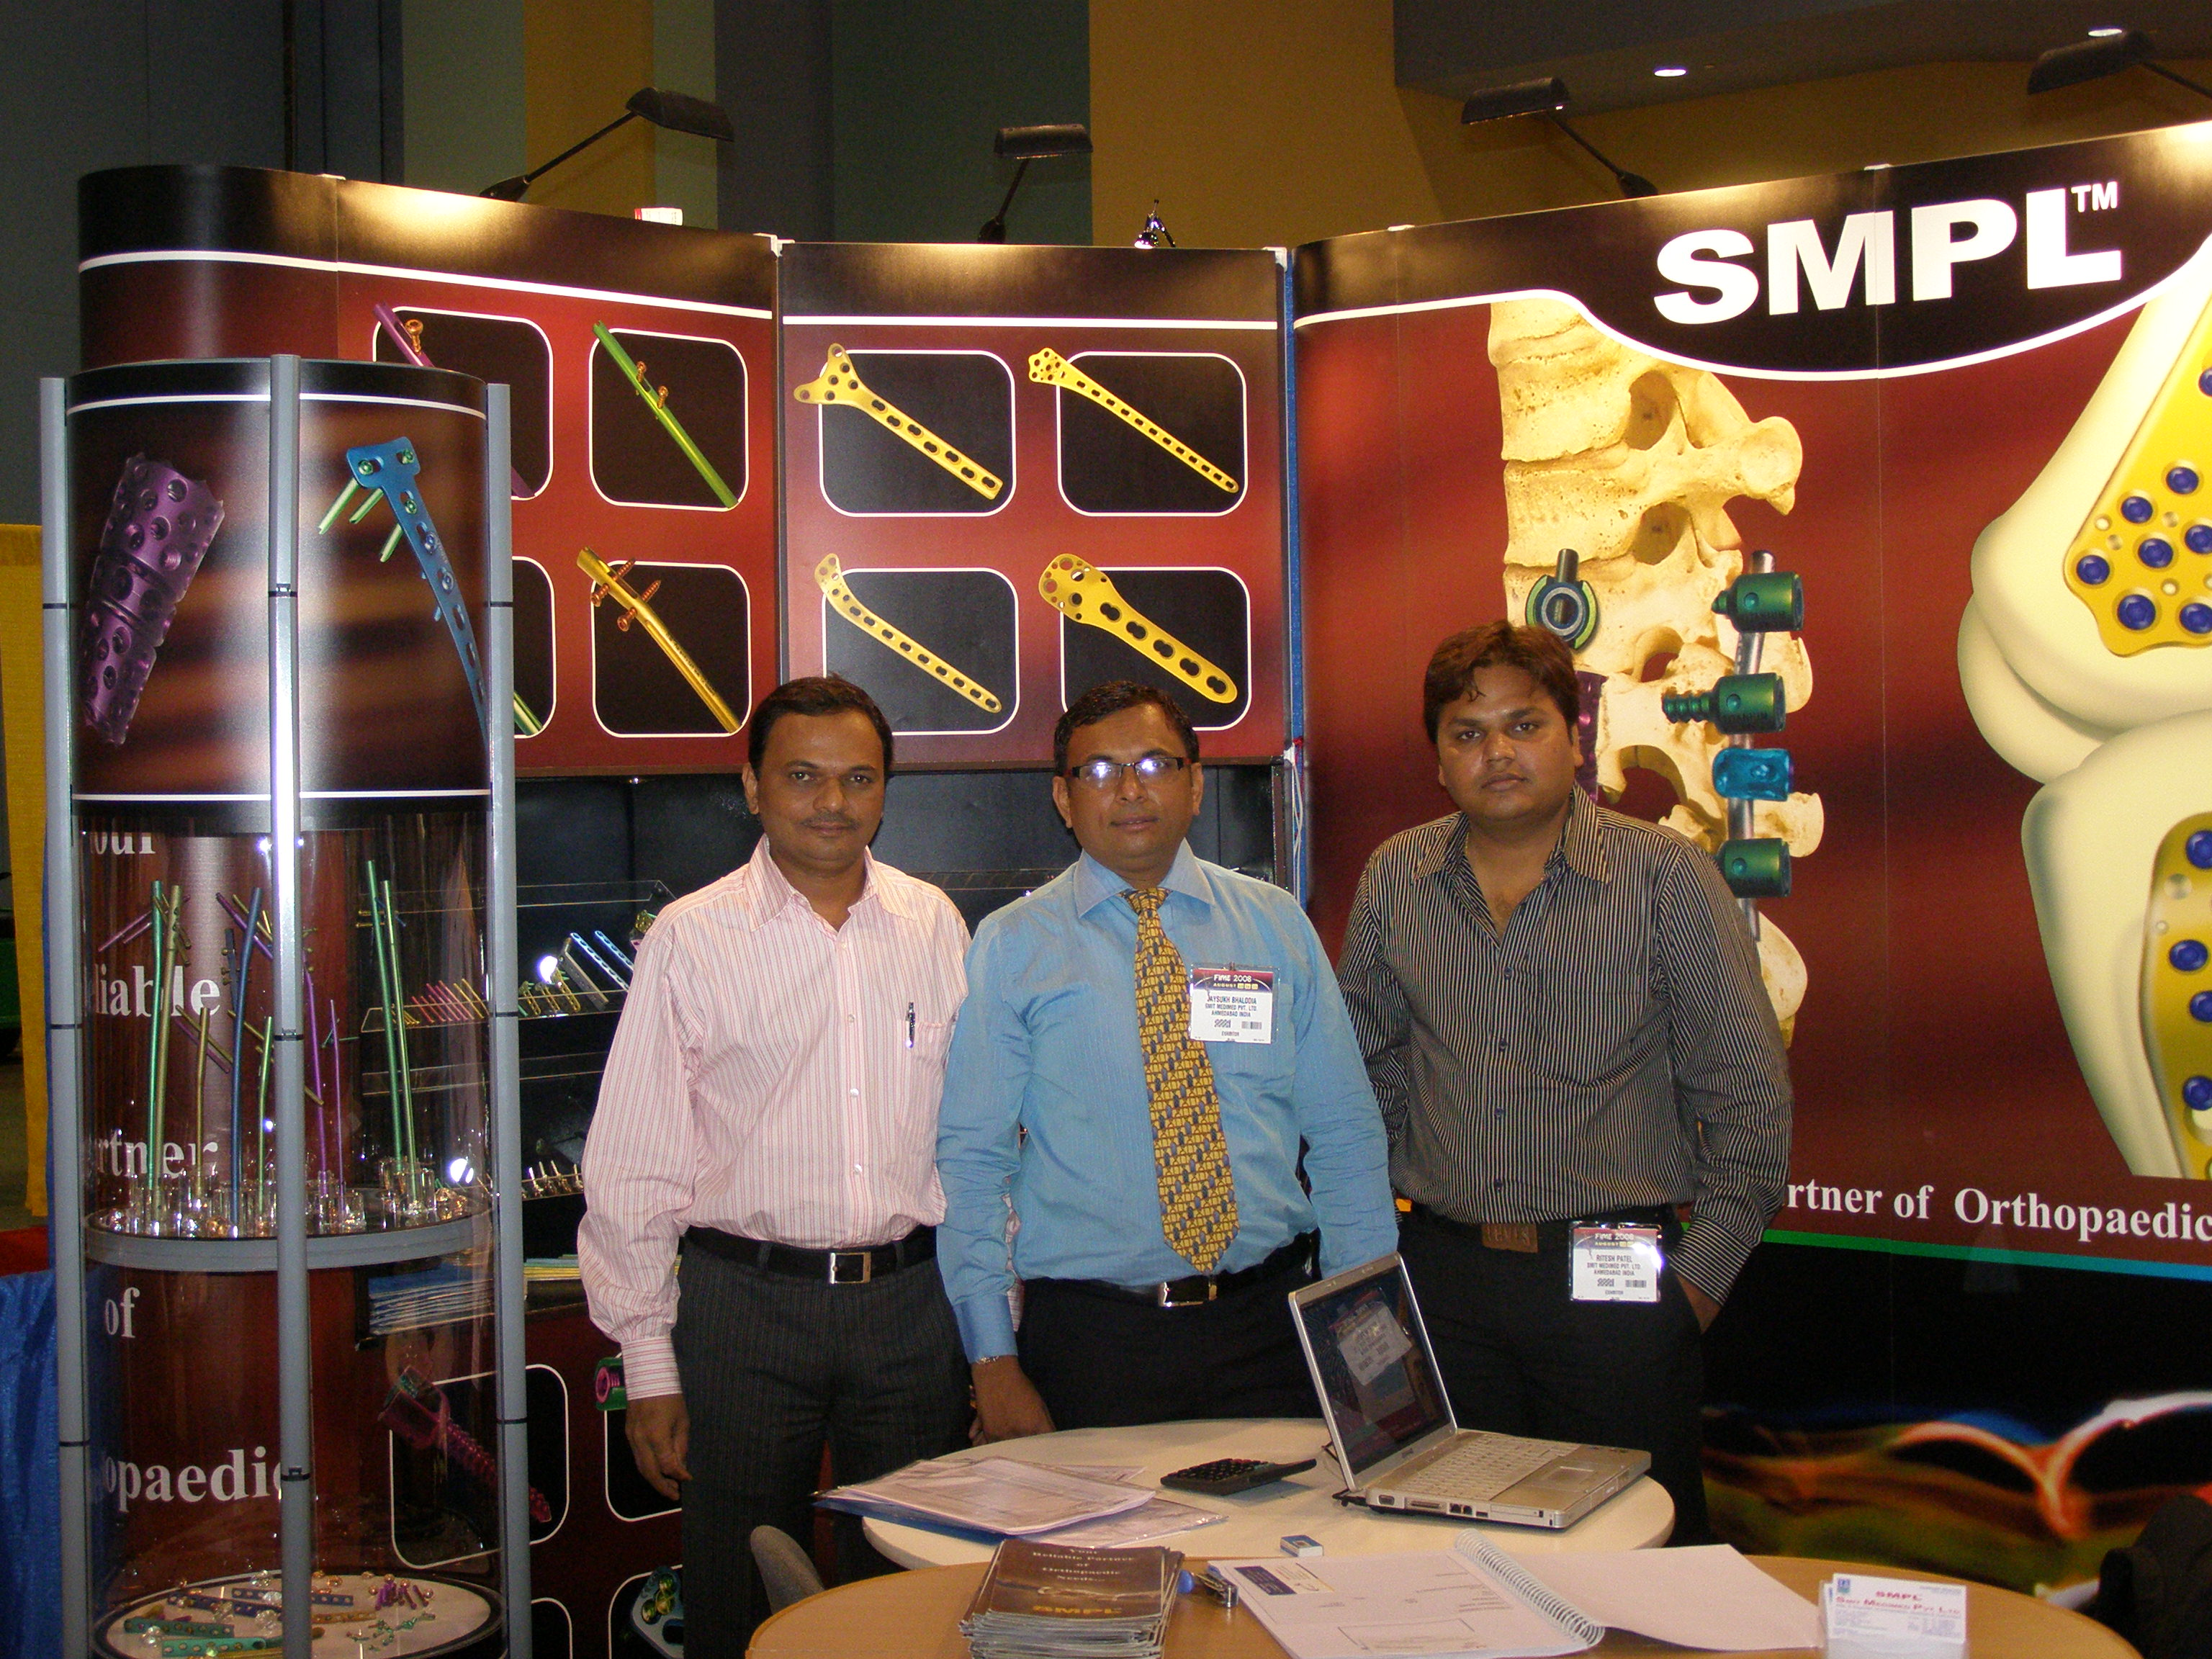 Fime 2008 Conference I Smit Medimed Pvt Ltd I Orthopedic Implant